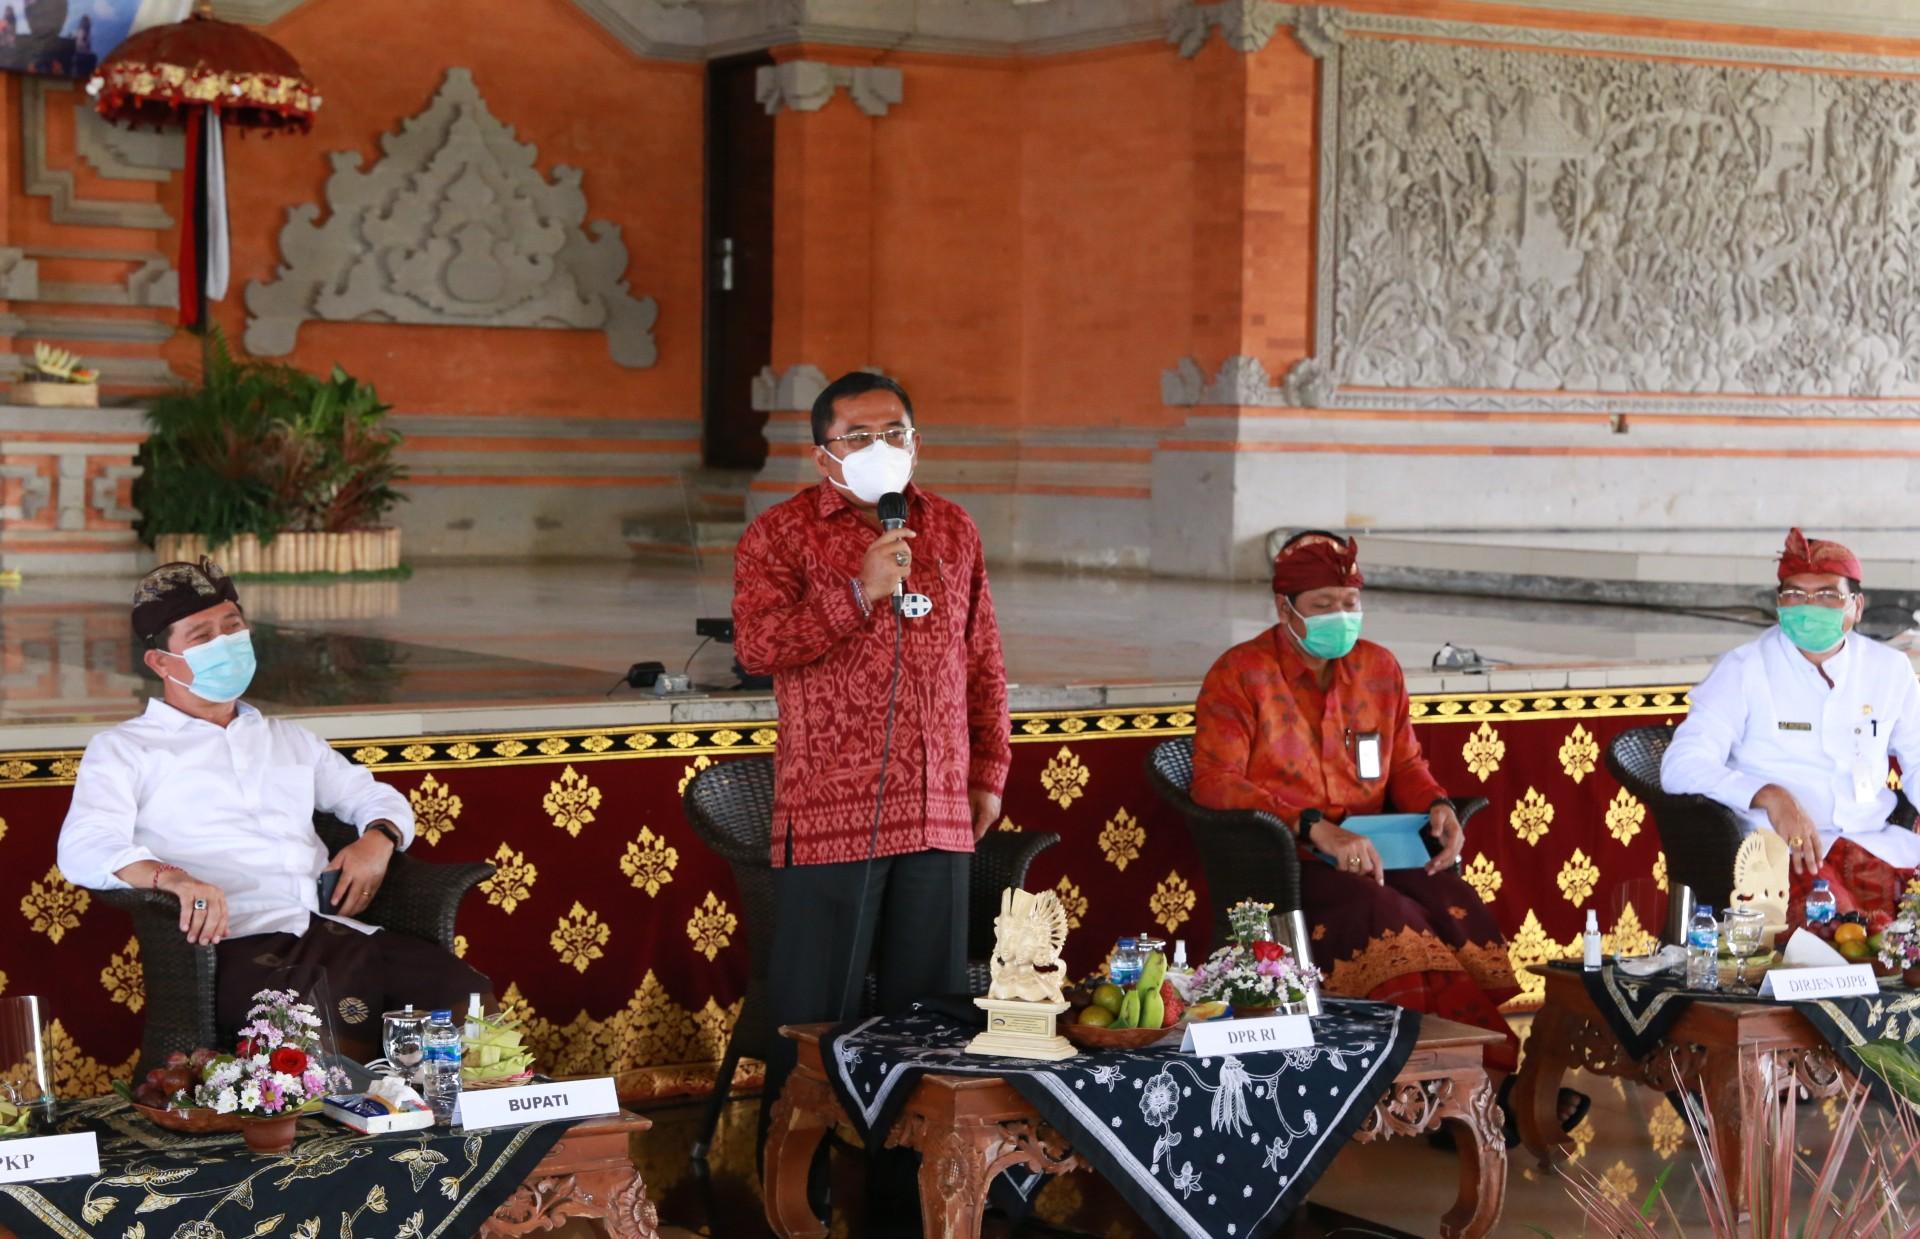 ANGGOTA Komisi XI DPR RI, I Gusti Agung Rai Wirajaya, saat menghadiri workshop Pengelolaan Dana Desa di Balai Budaya Ida Dewa Agung Istri Kanya, Klungkung, Kamis (15/10/2020). Foto: ist